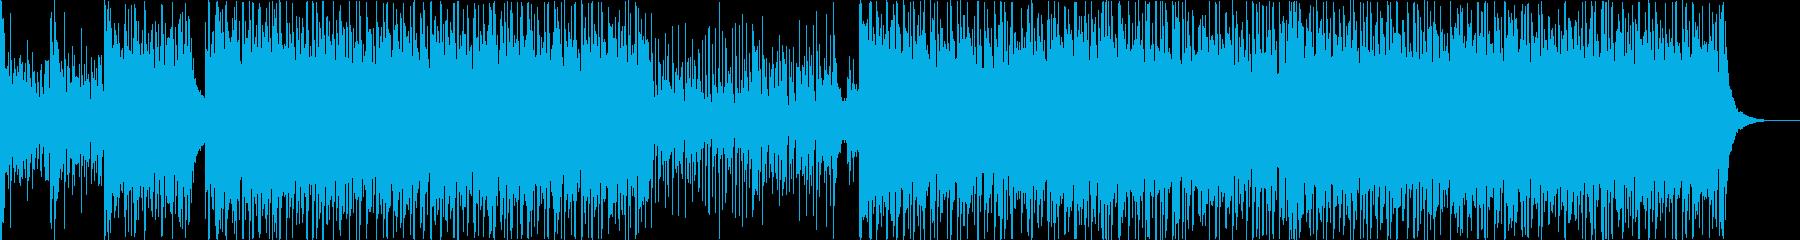 和太鼓と和楽器の祭り風アンサンブルの再生済みの波形